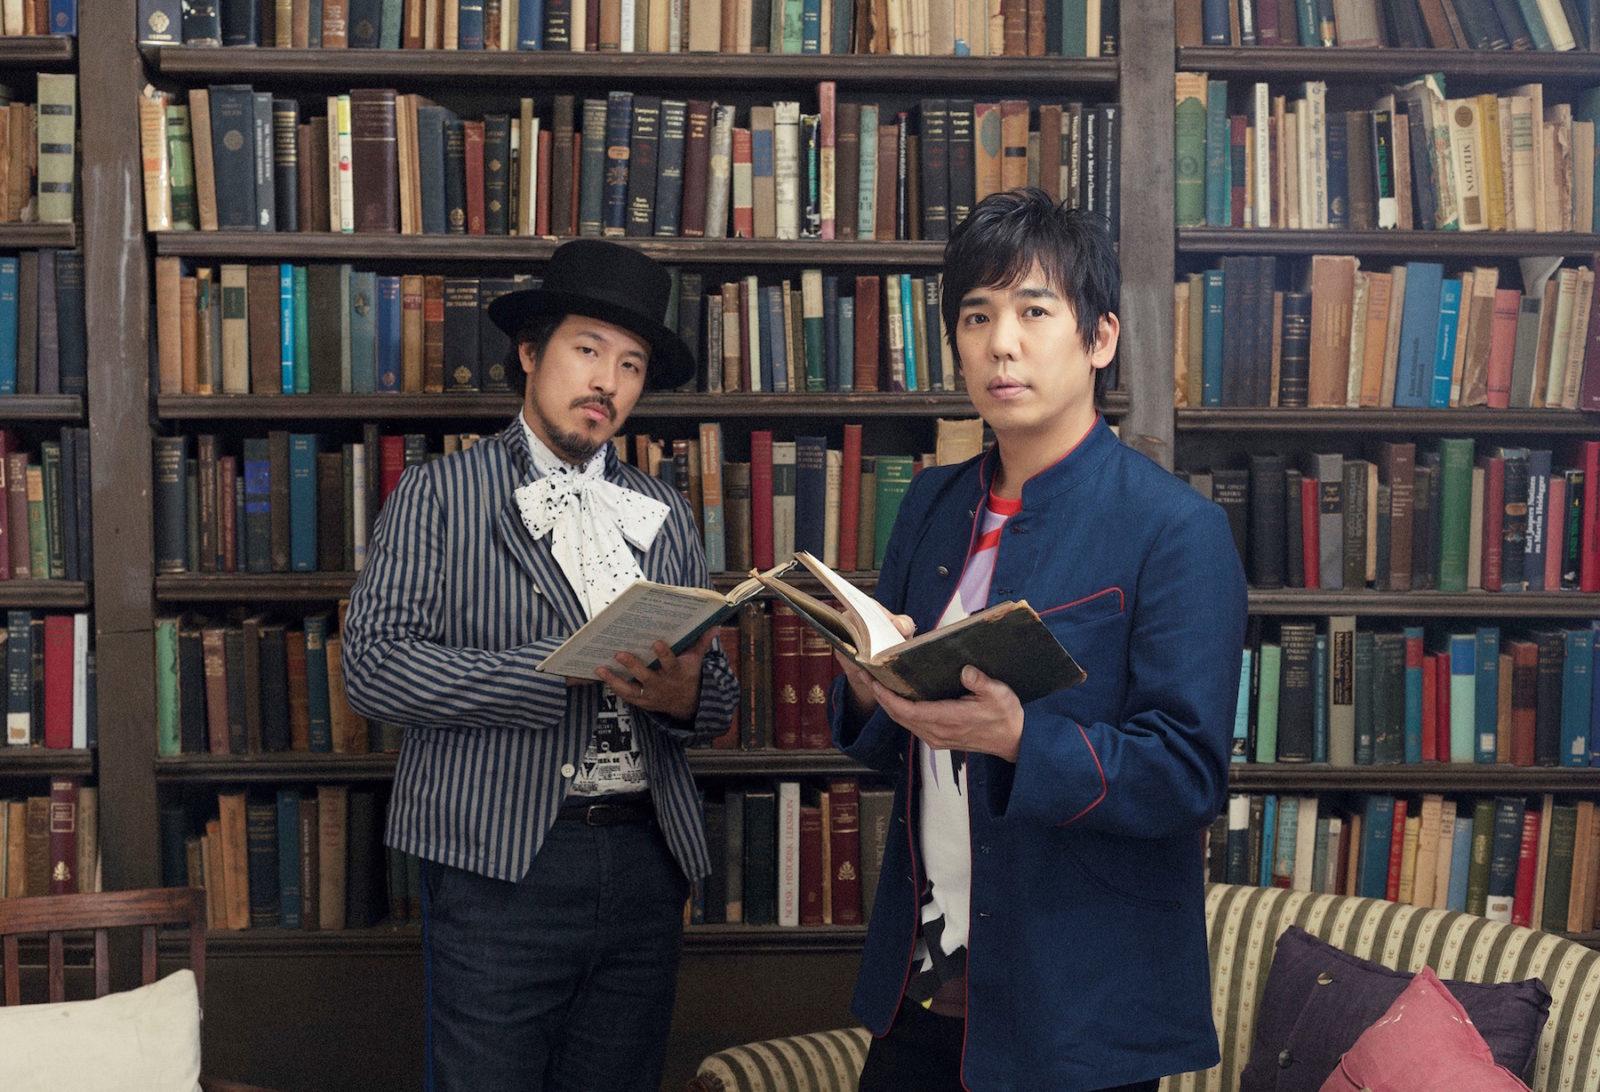 NHKみんなのうたで評判のあの曲もランクイン!今注目の歌詞ランキング1位はあの人気デュオの新曲サムネイル画像